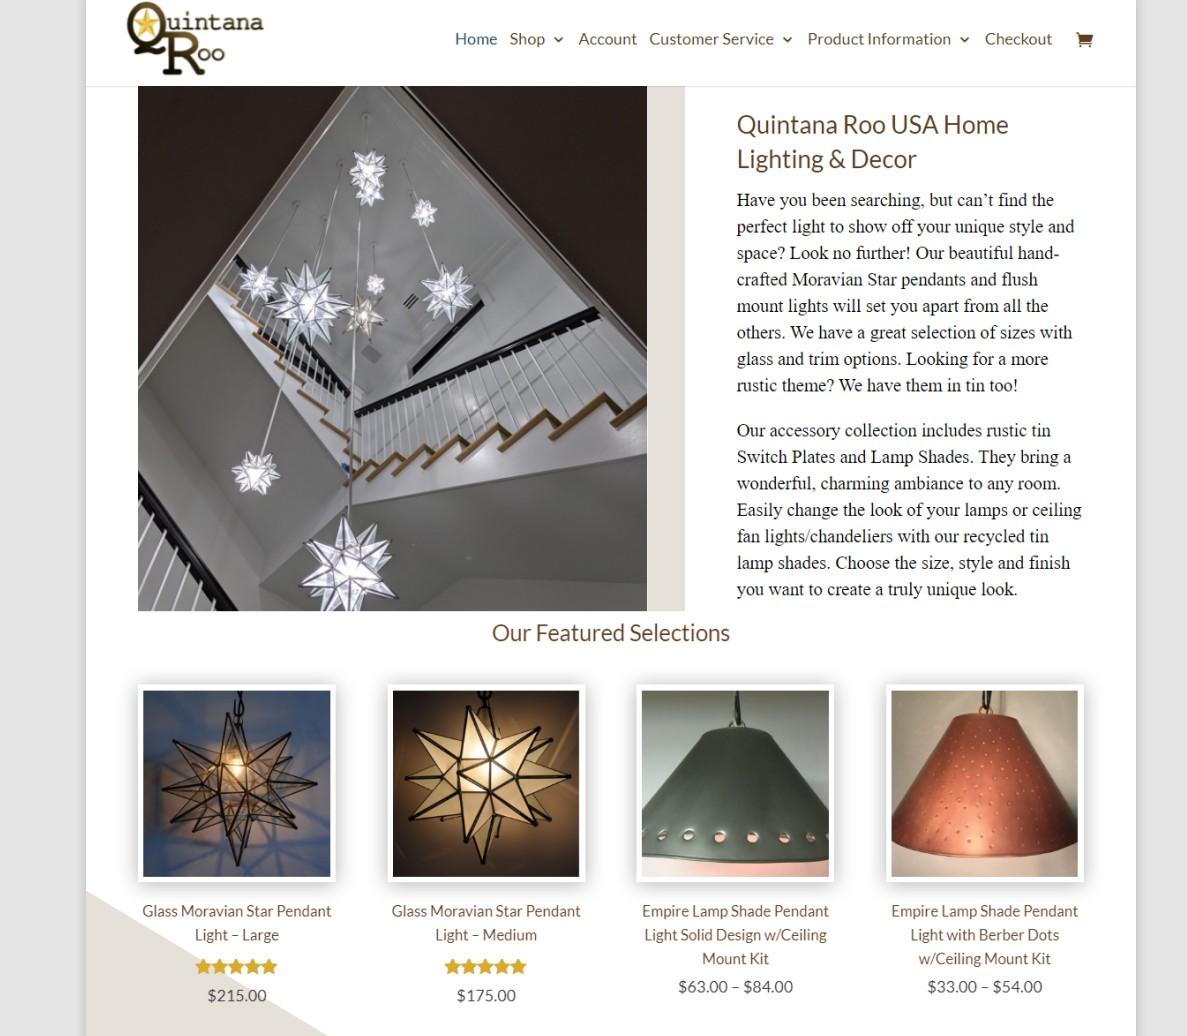 Custom E-Commerce Website for Quintana Roo USA